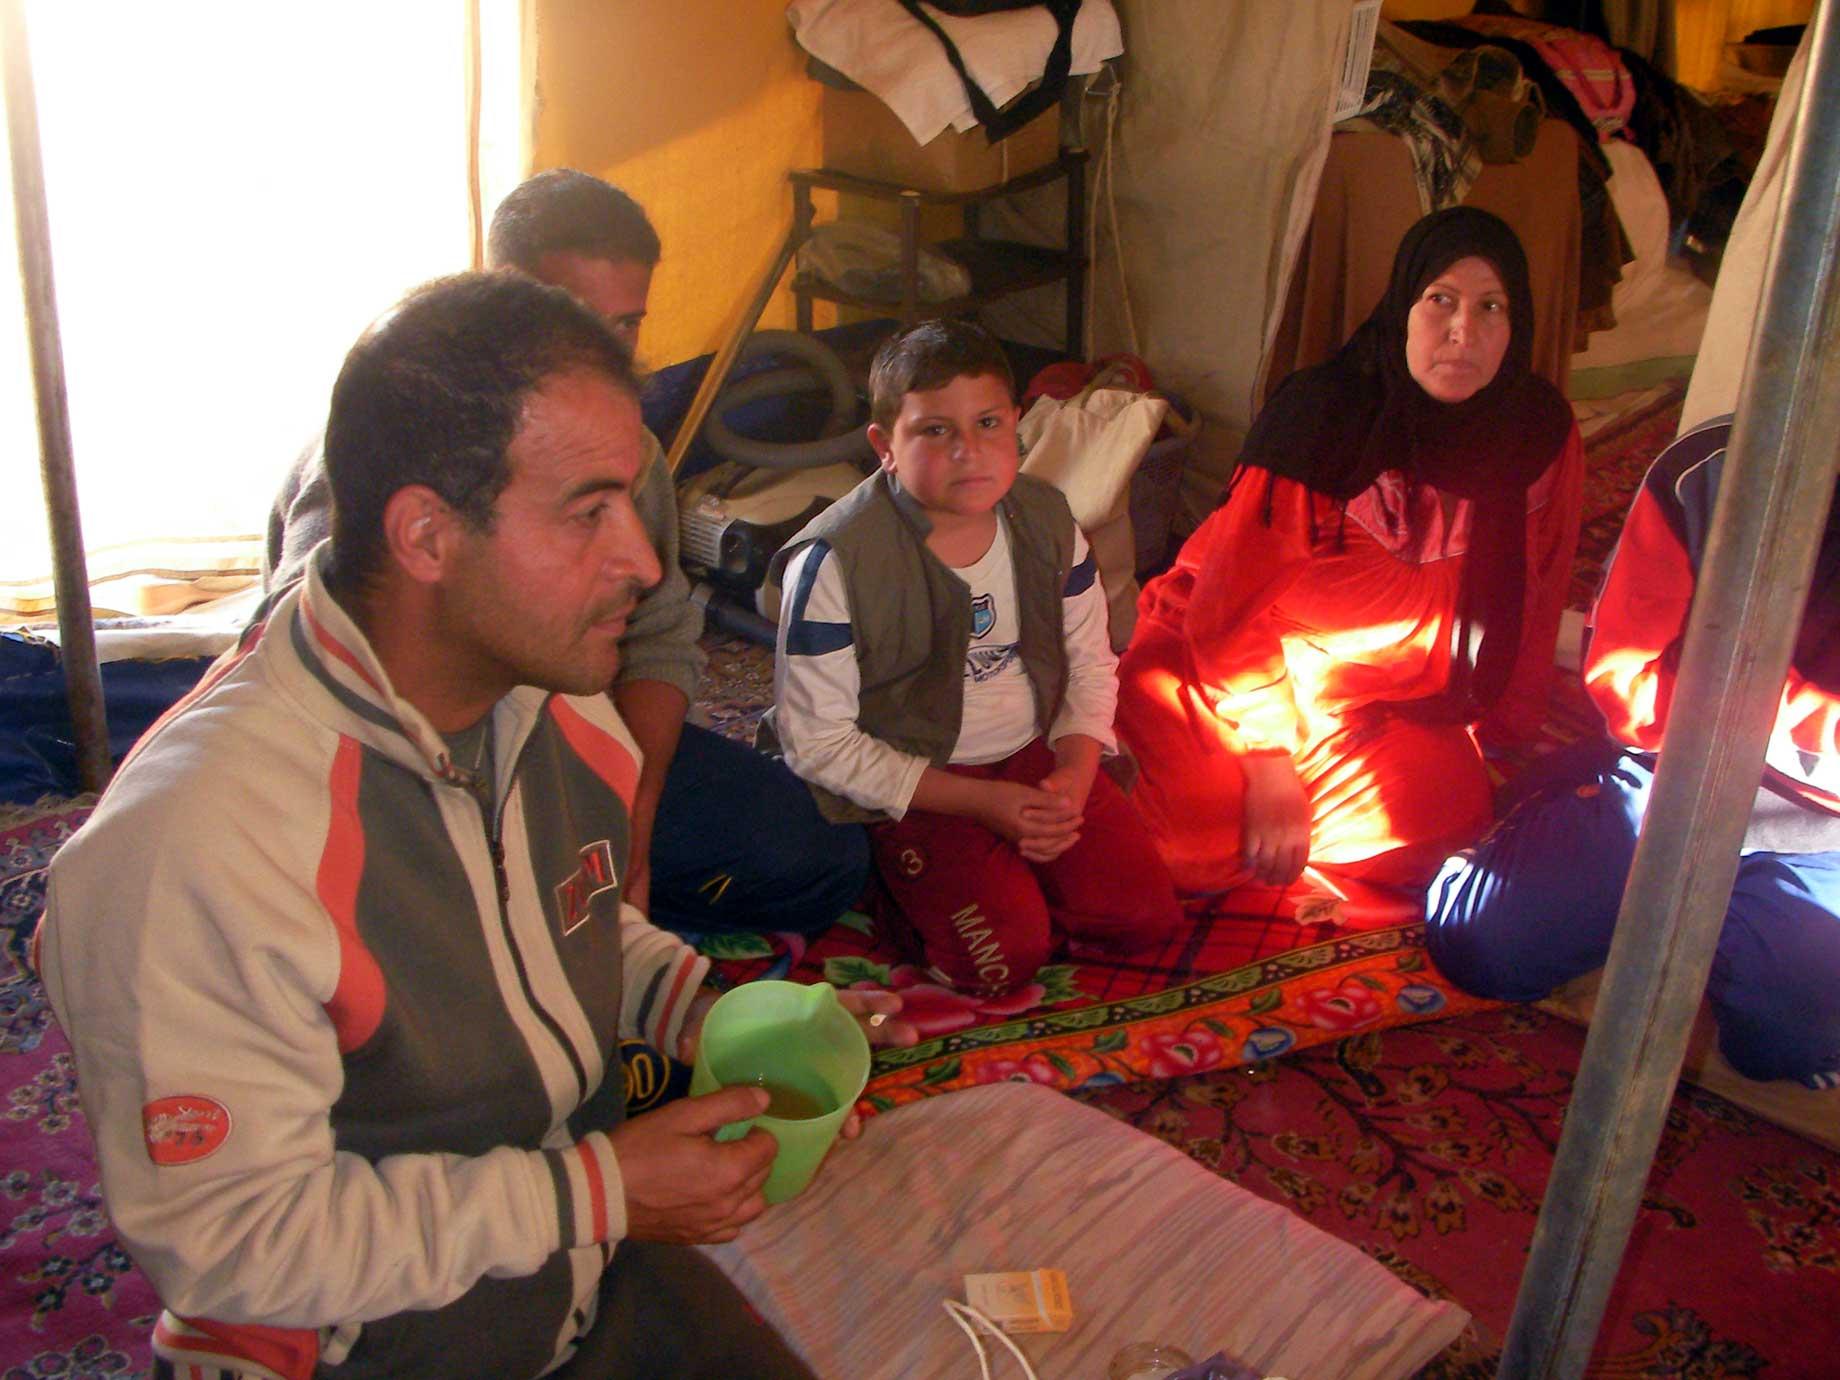 難民キャンプ訪問 その2(シリア・イラク国境)_f0155297_704056.jpg